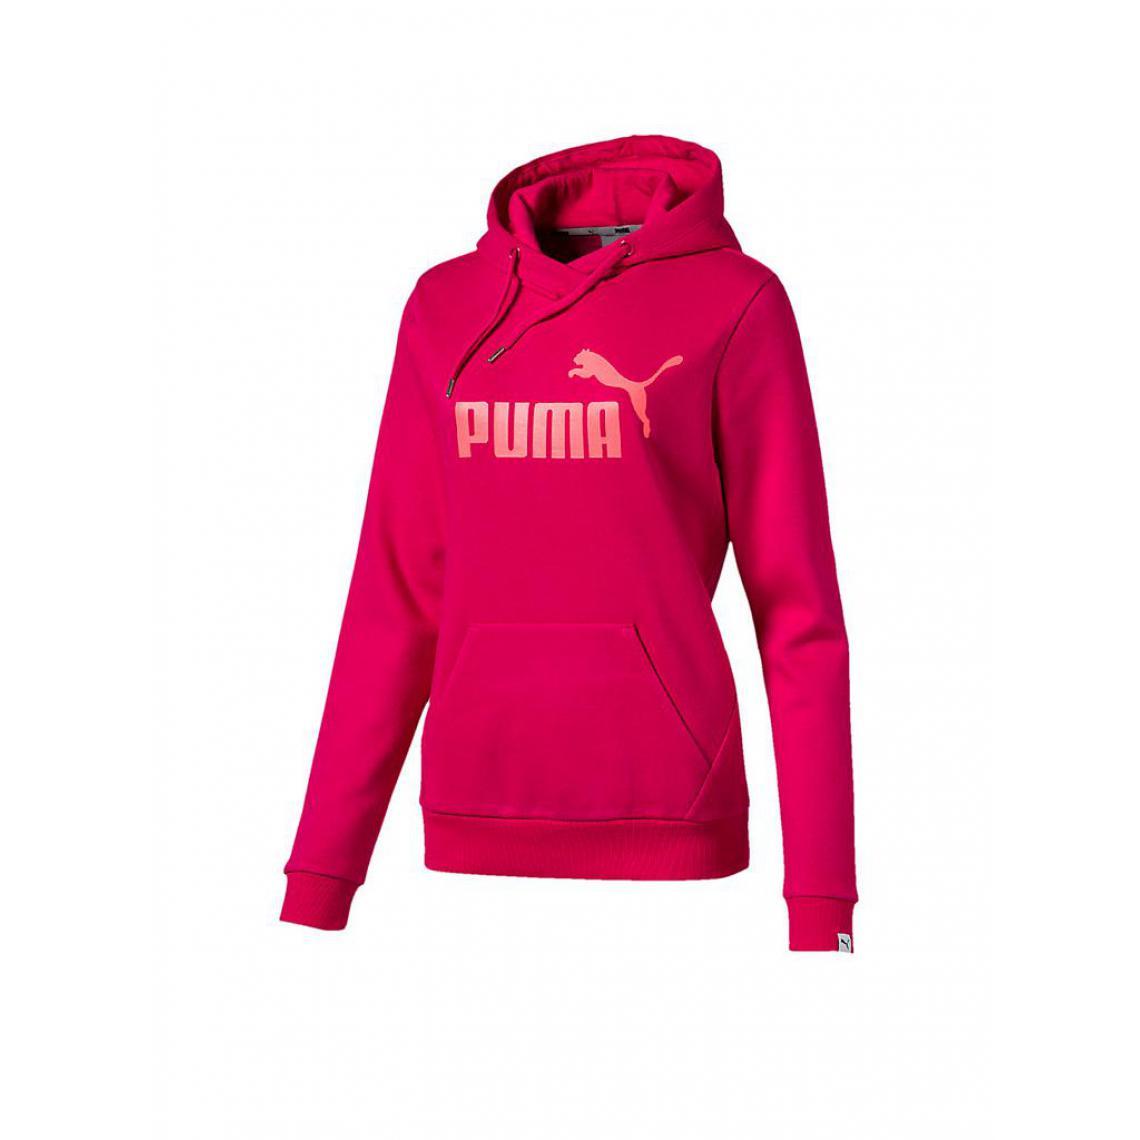 Manches Suisses Capuche Rose3 Longues À Puma Femme Veste EWe2bHIYD9